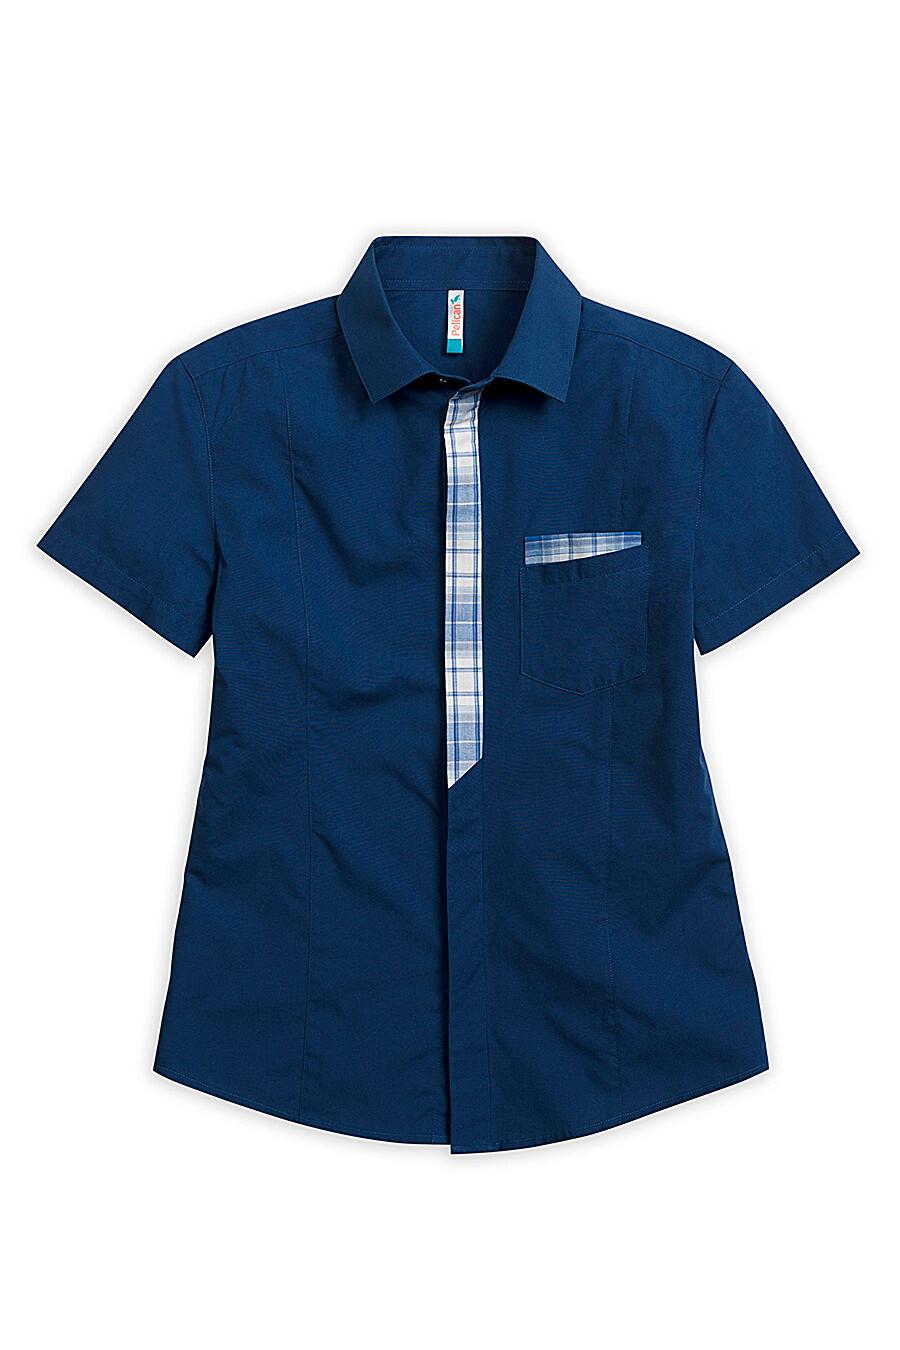 Сорочка для мальчиков PELICAN 218553 купить оптом от производителя. Совместная покупка детской одежды в OptMoyo